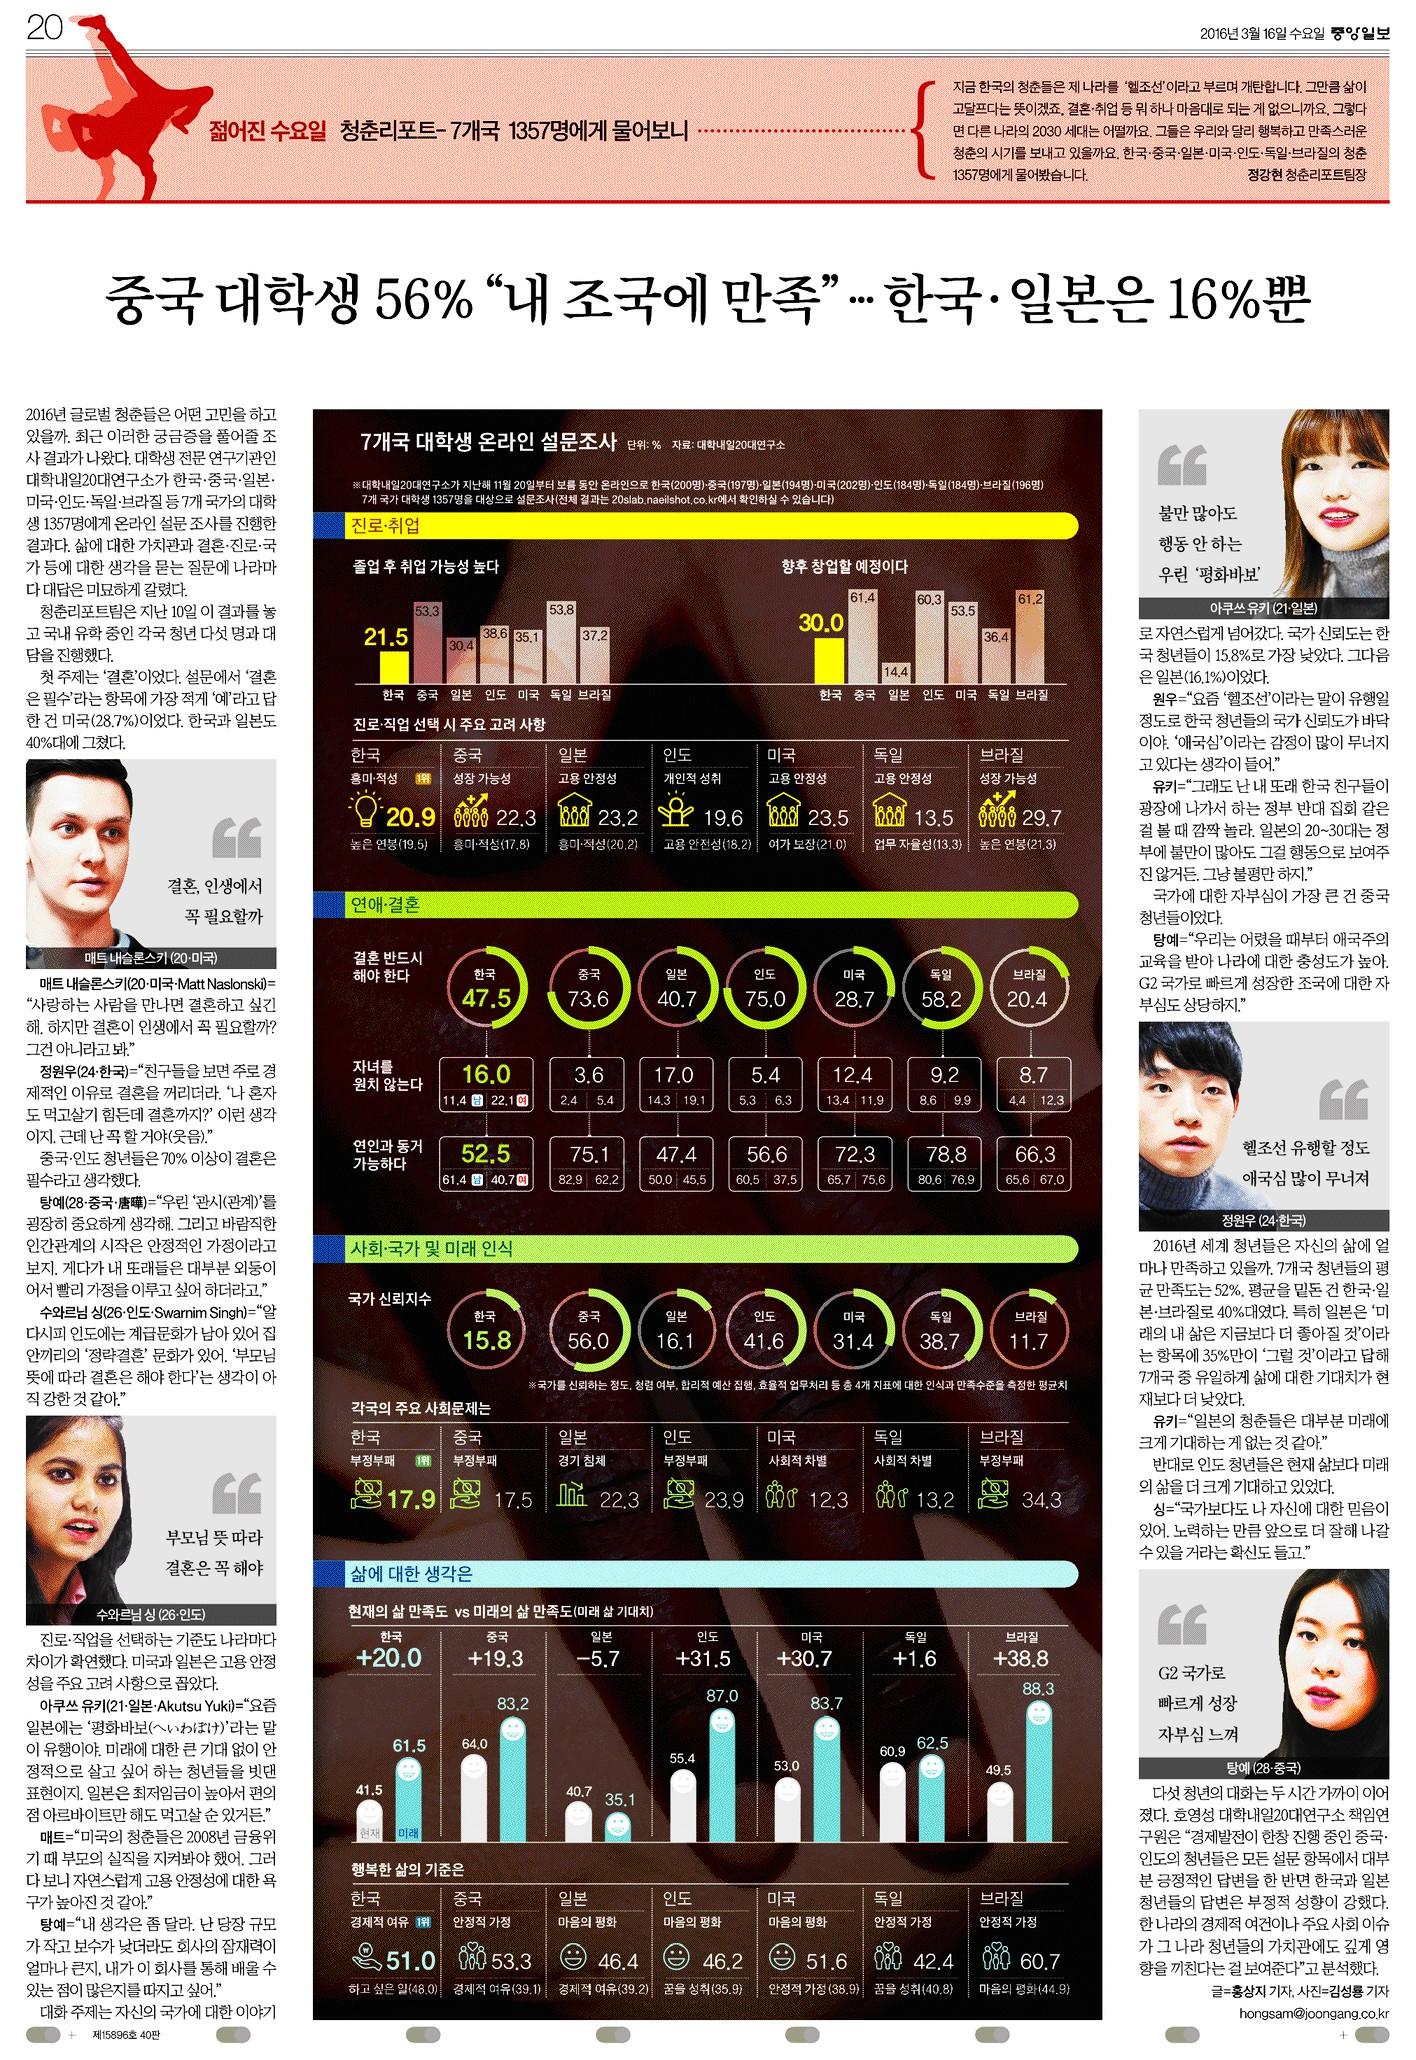 [피칭]글로벌리포트_중앙일보_20160316